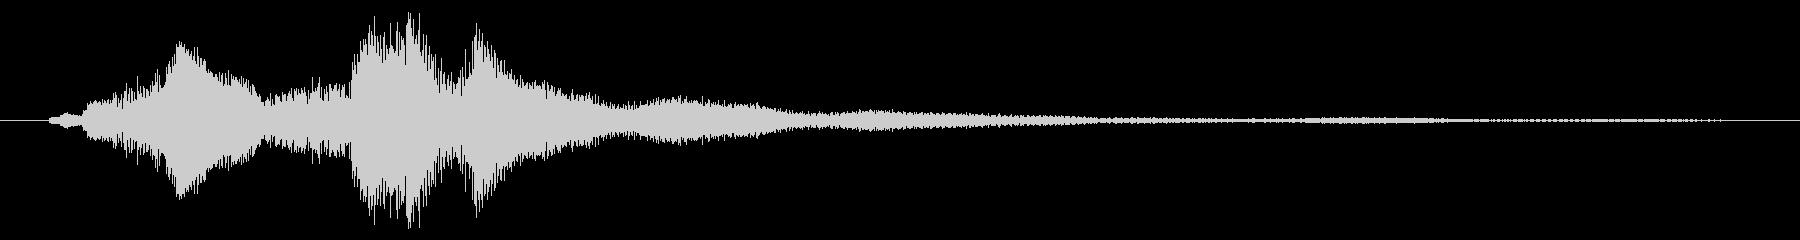 ハープグリッサンド下行1回上行1回~Cの未再生の波形